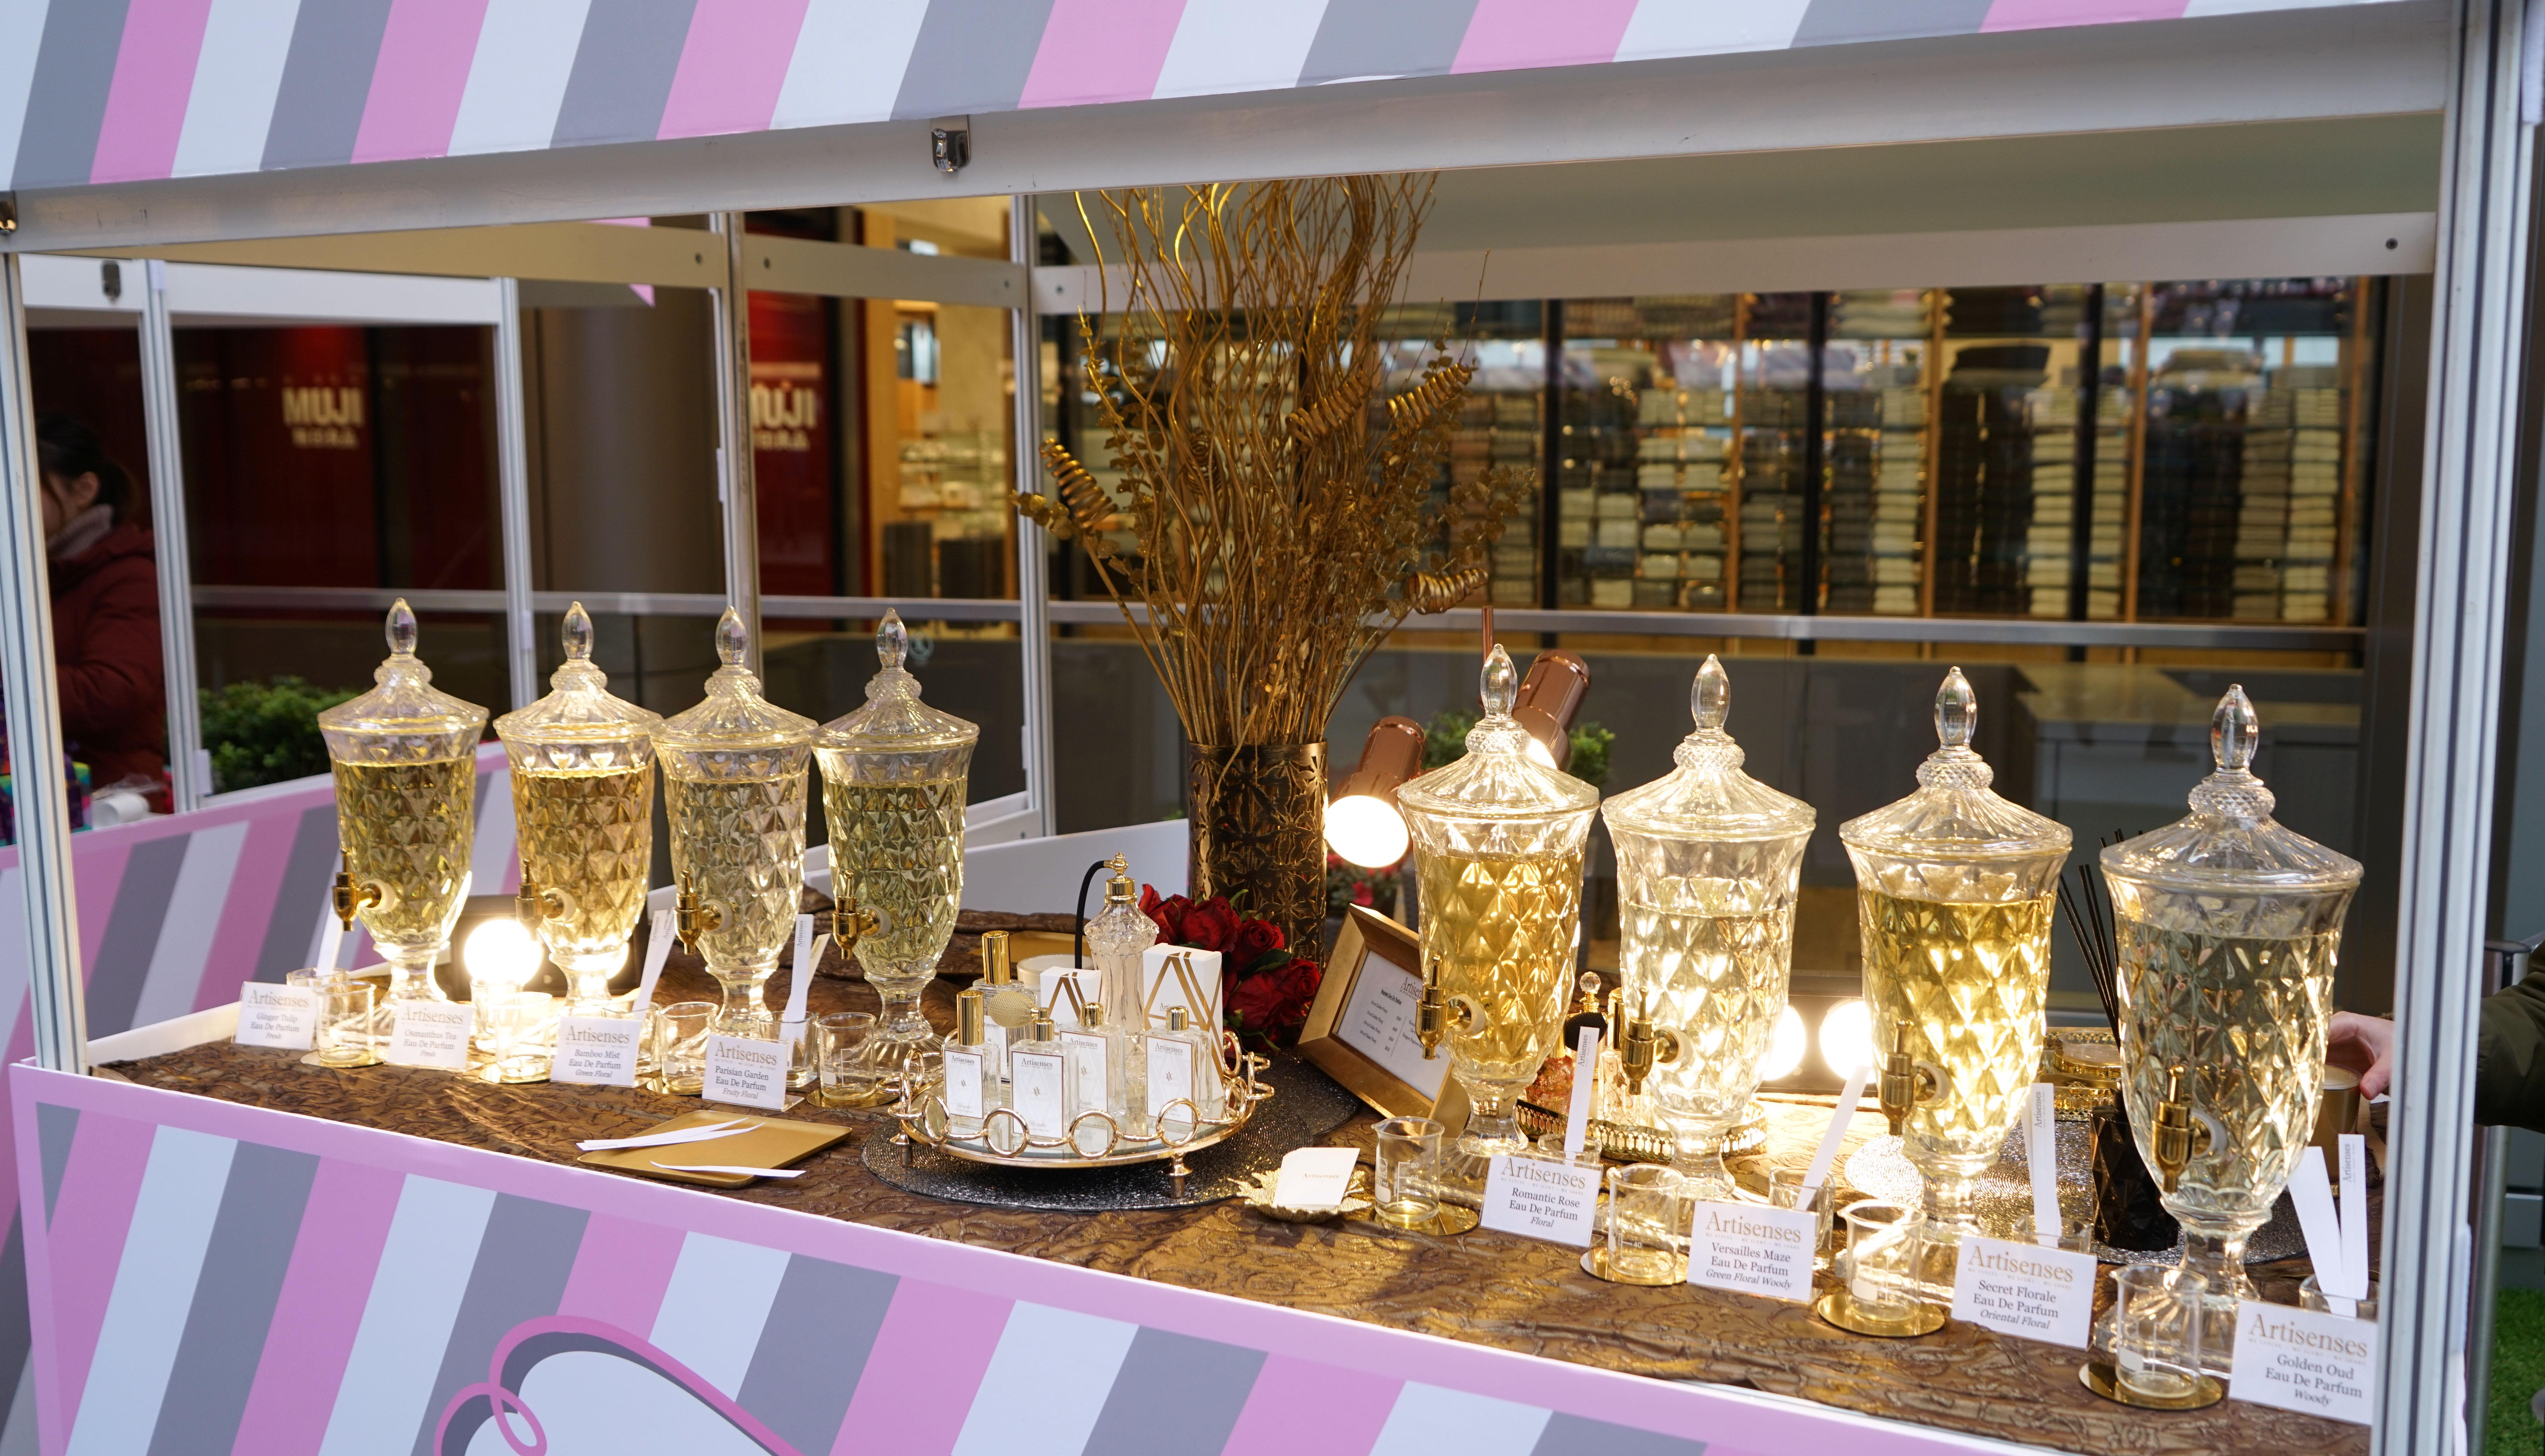 著名香水調配品牌Artisenses推出情人節限定套裝(Romantic Rose Jardin Valentine's Day Gift Set),以多種玫瑰調配而成幸福的香馥, 有如置身於浪漫的玫瑰花海一樣。